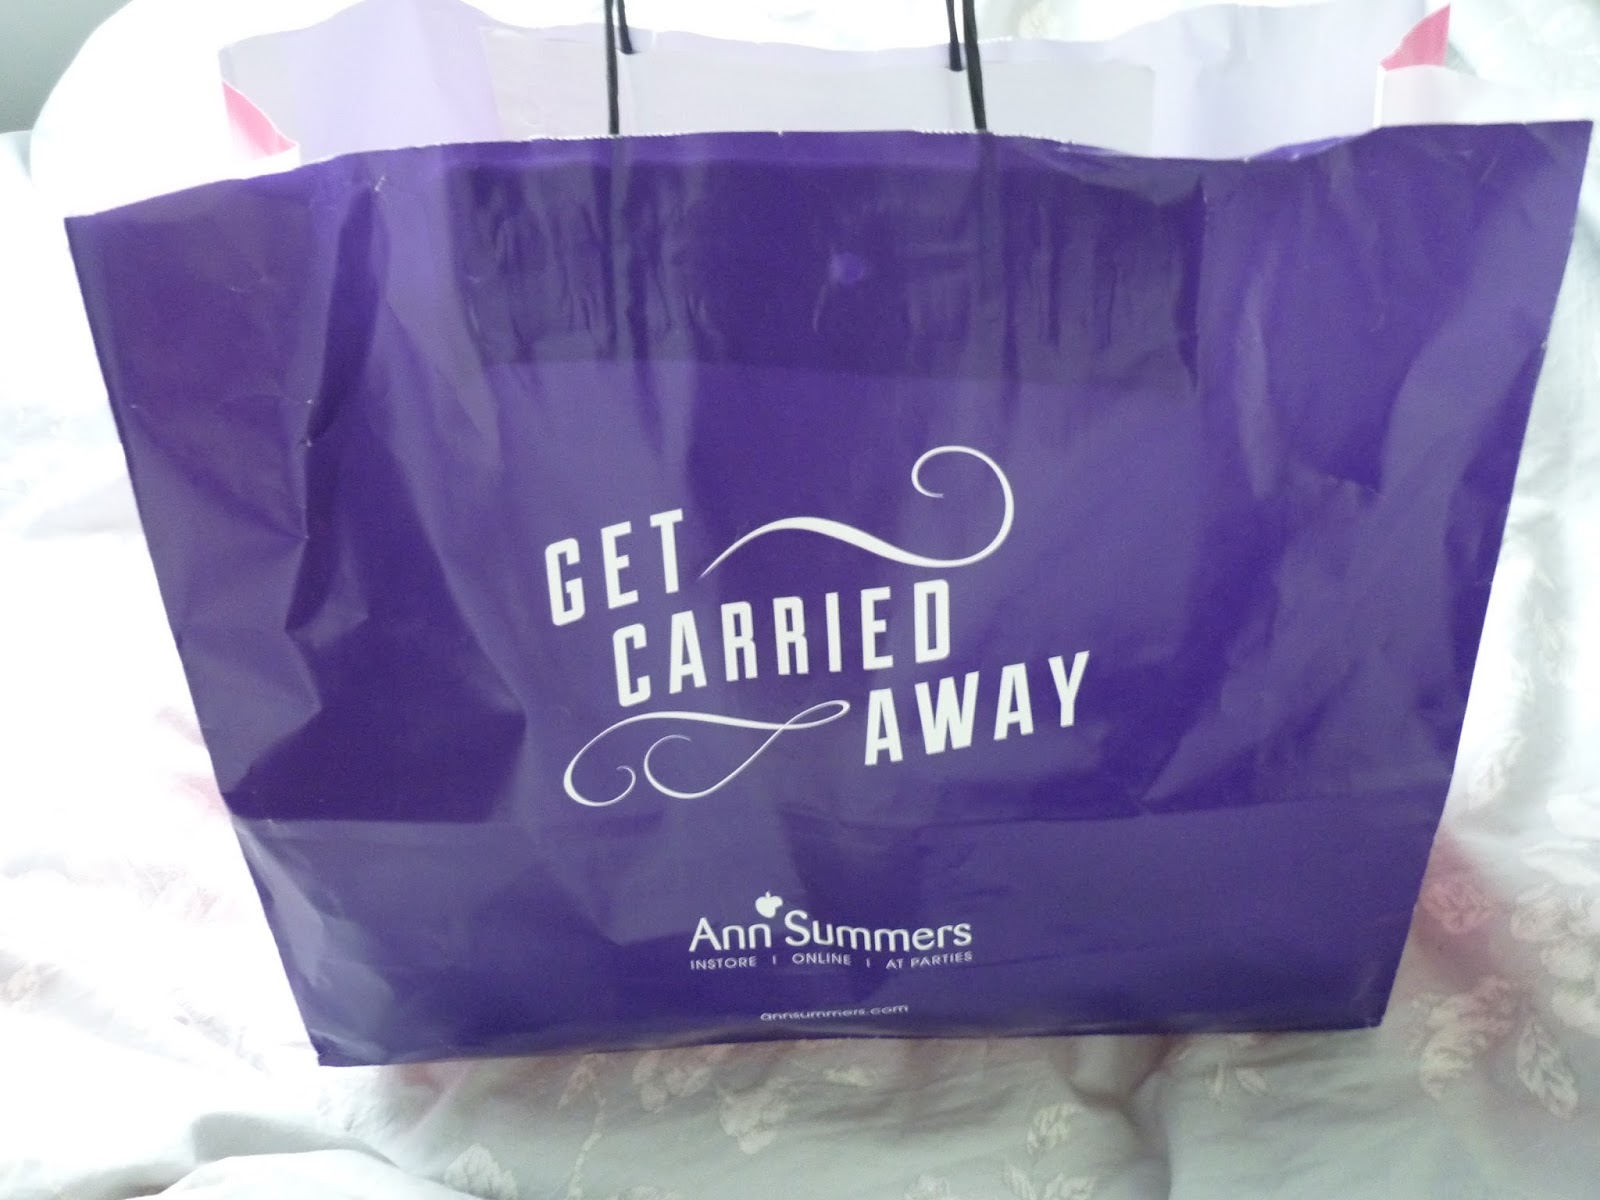 Ann Summers Get Carried Away